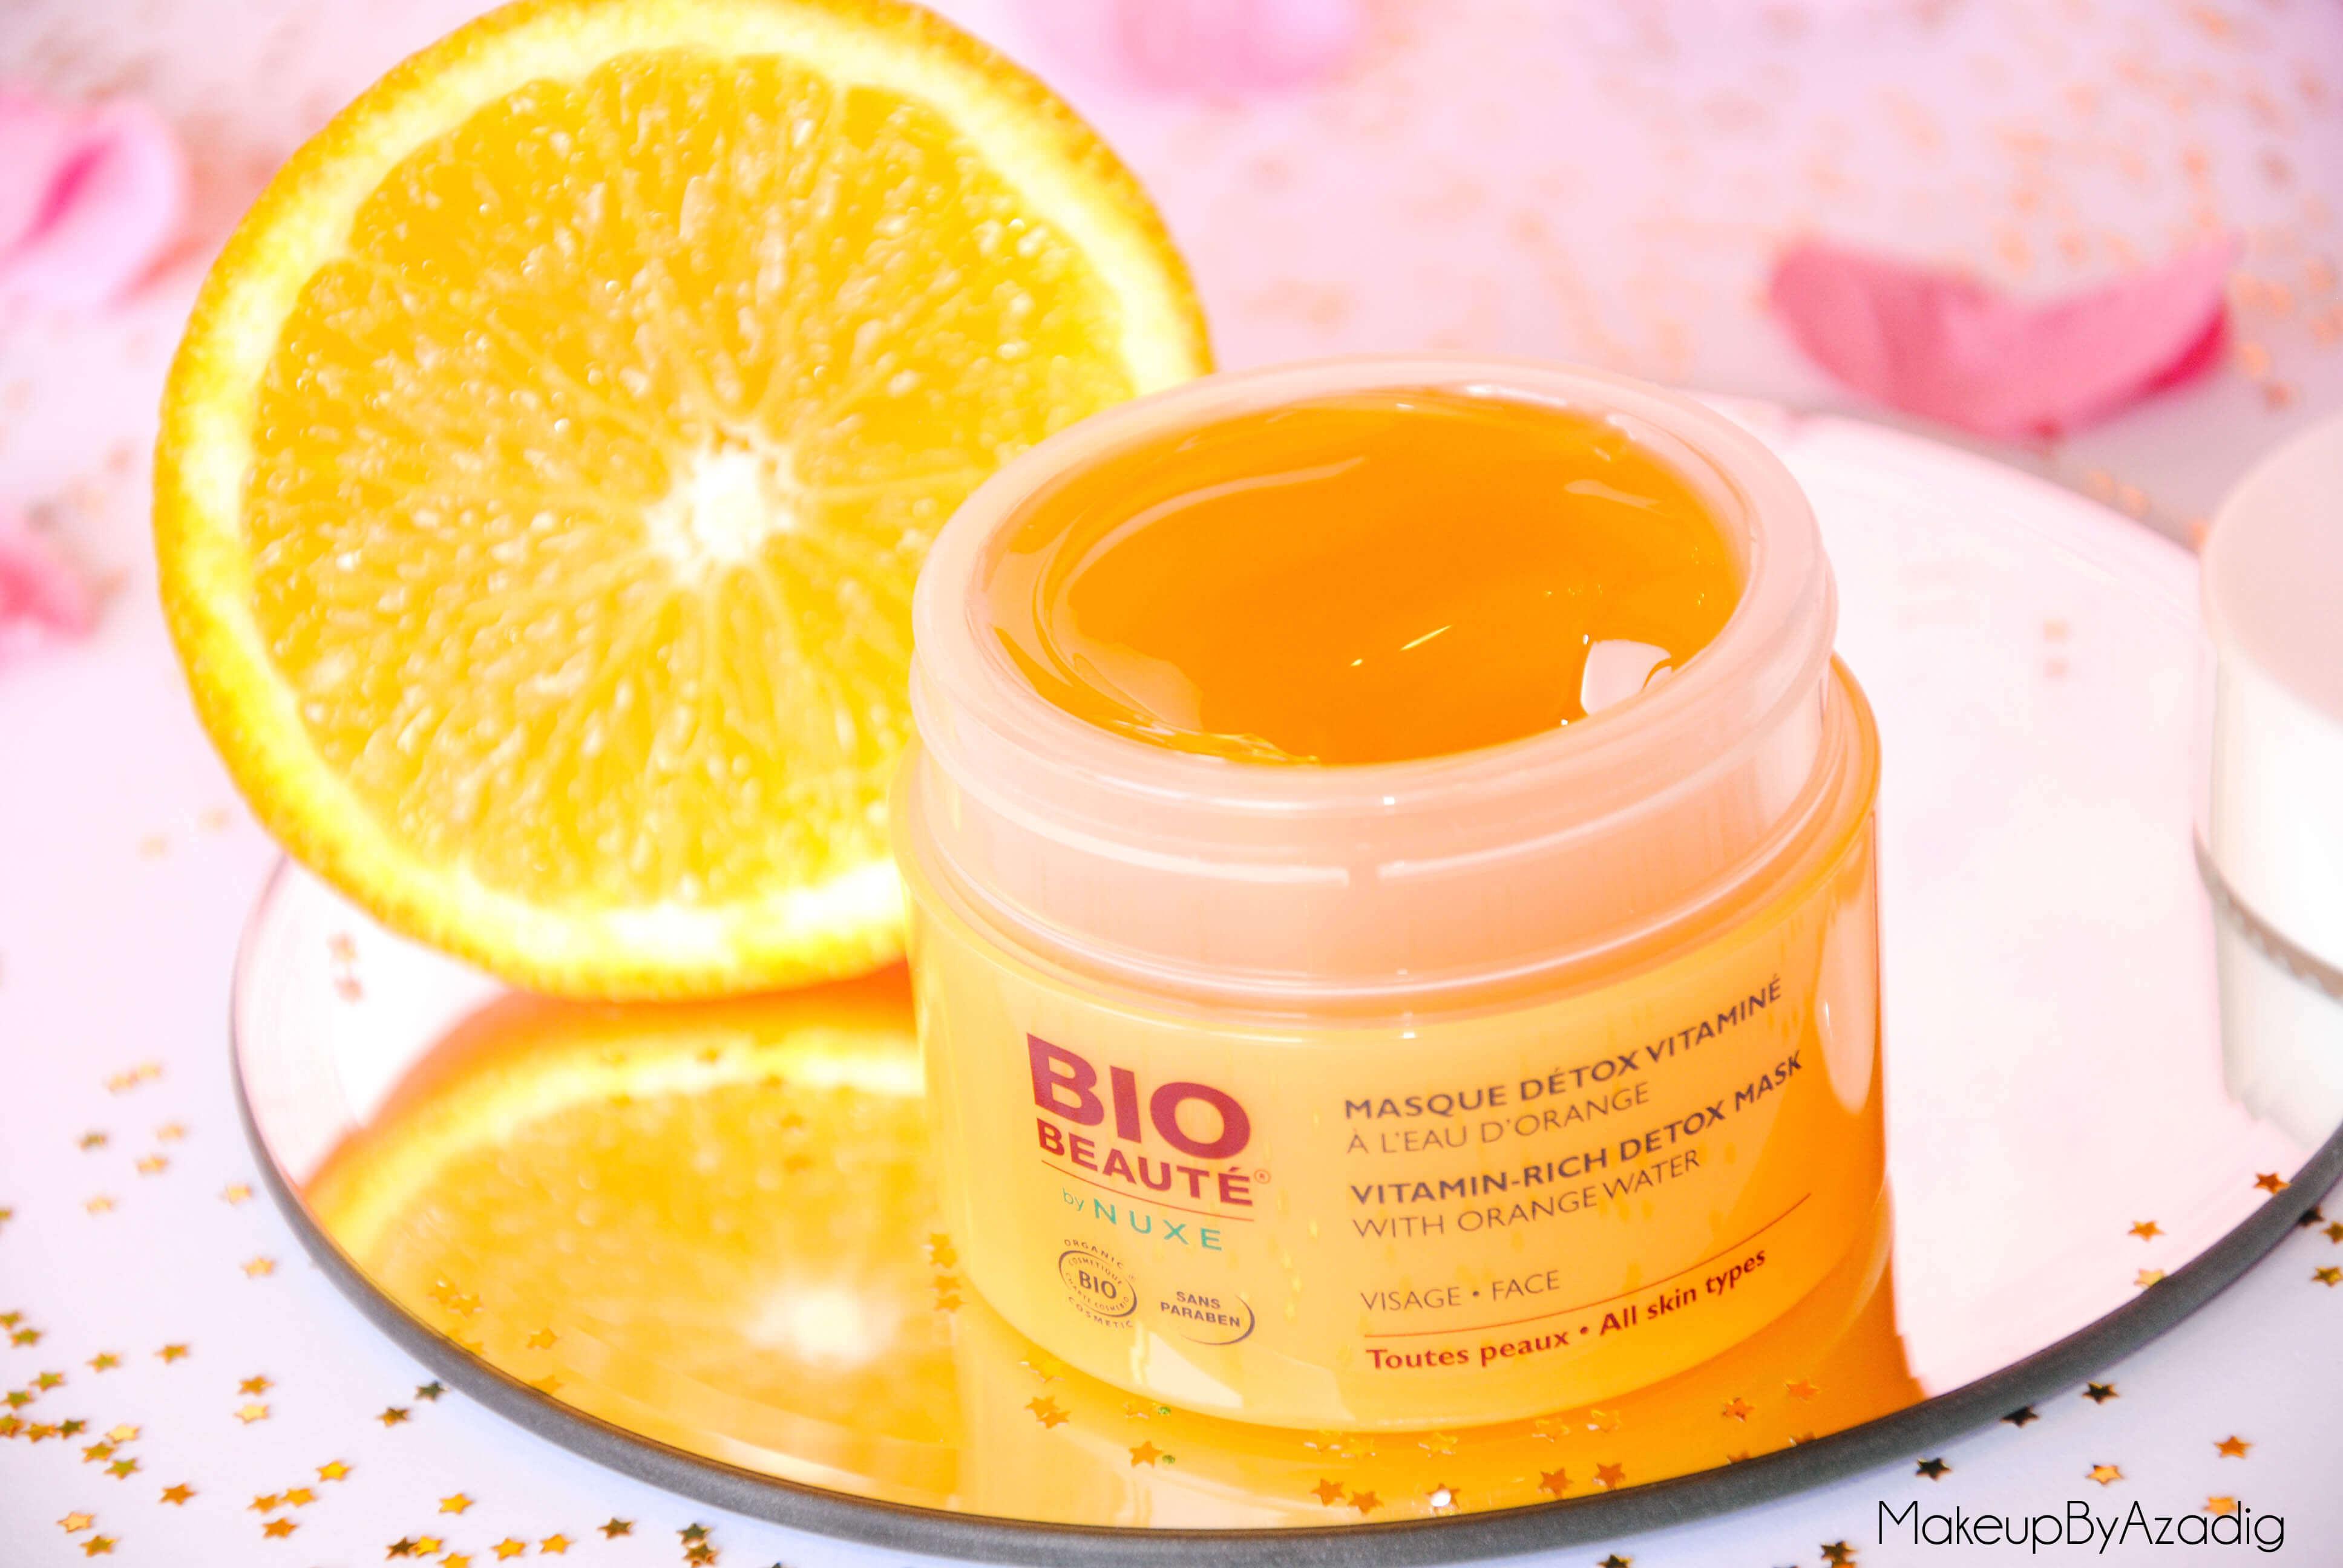 masque-detox-vitamine-bio-beaute-nuxe-makeupbyazadig-pas-cher-avis-revue-doctipharma-troyes-water